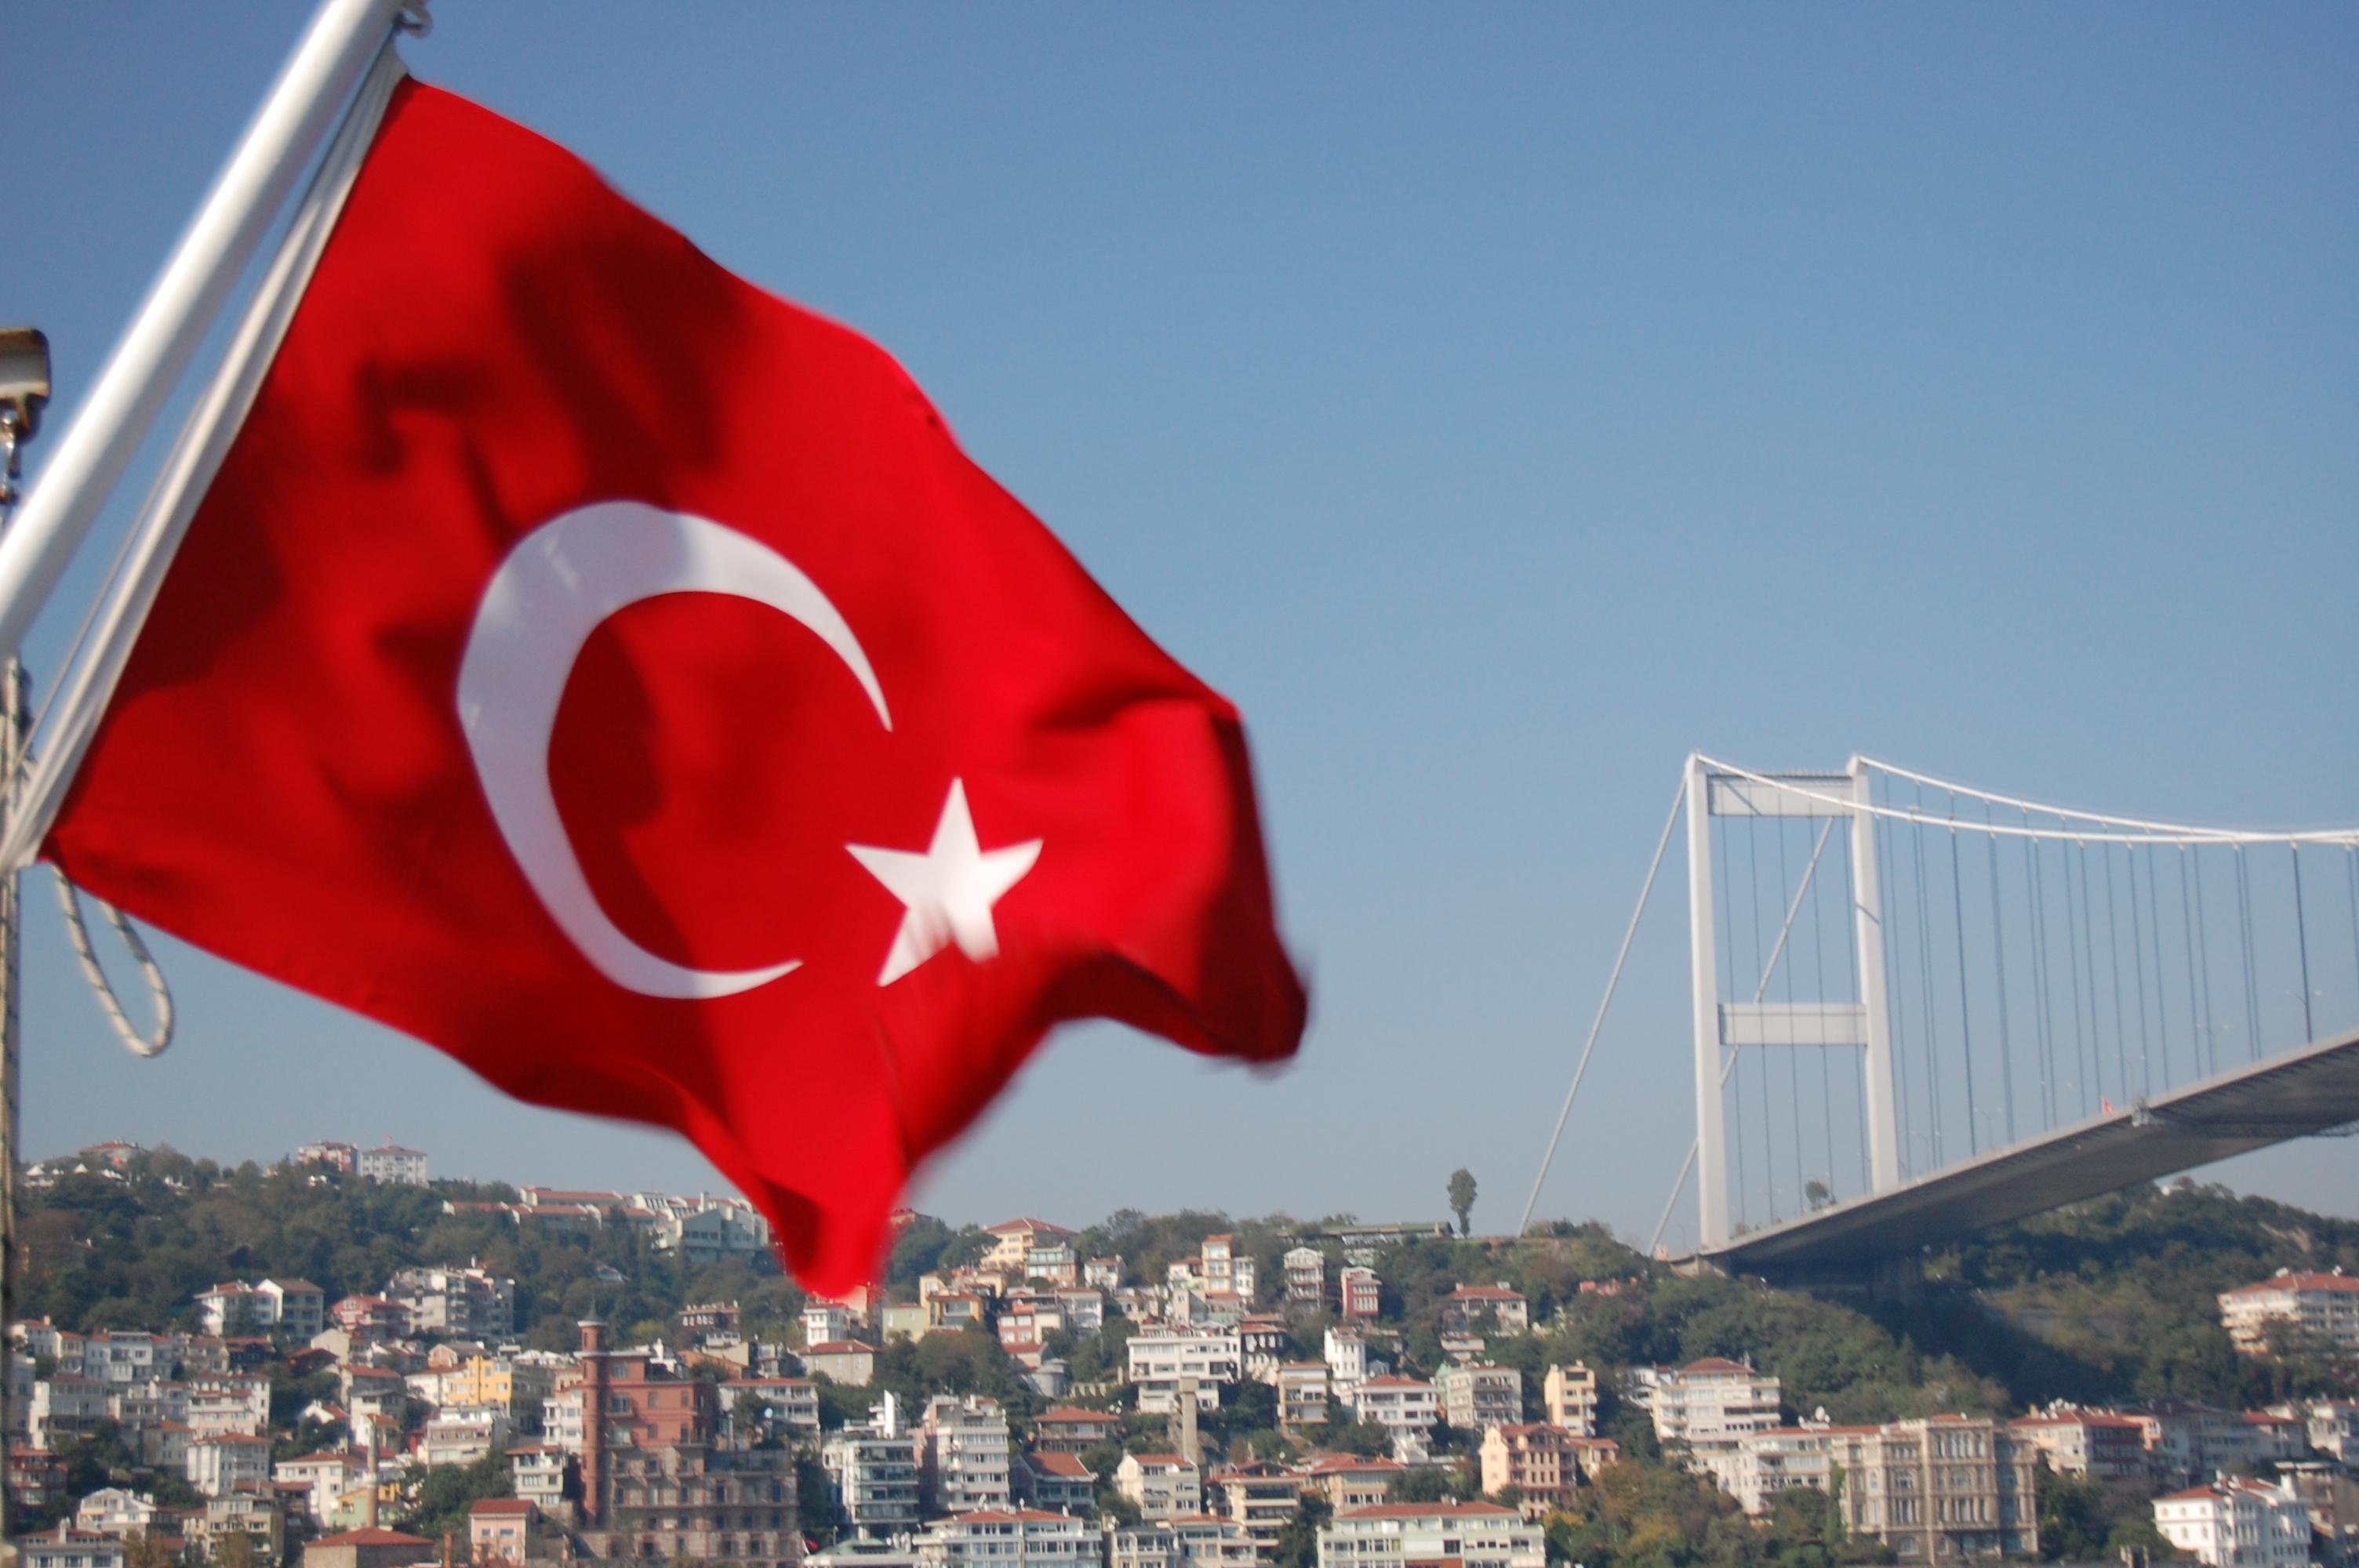 بالصور العمل في تركيا , افضل فرص العمل في دولة تركيا 4239